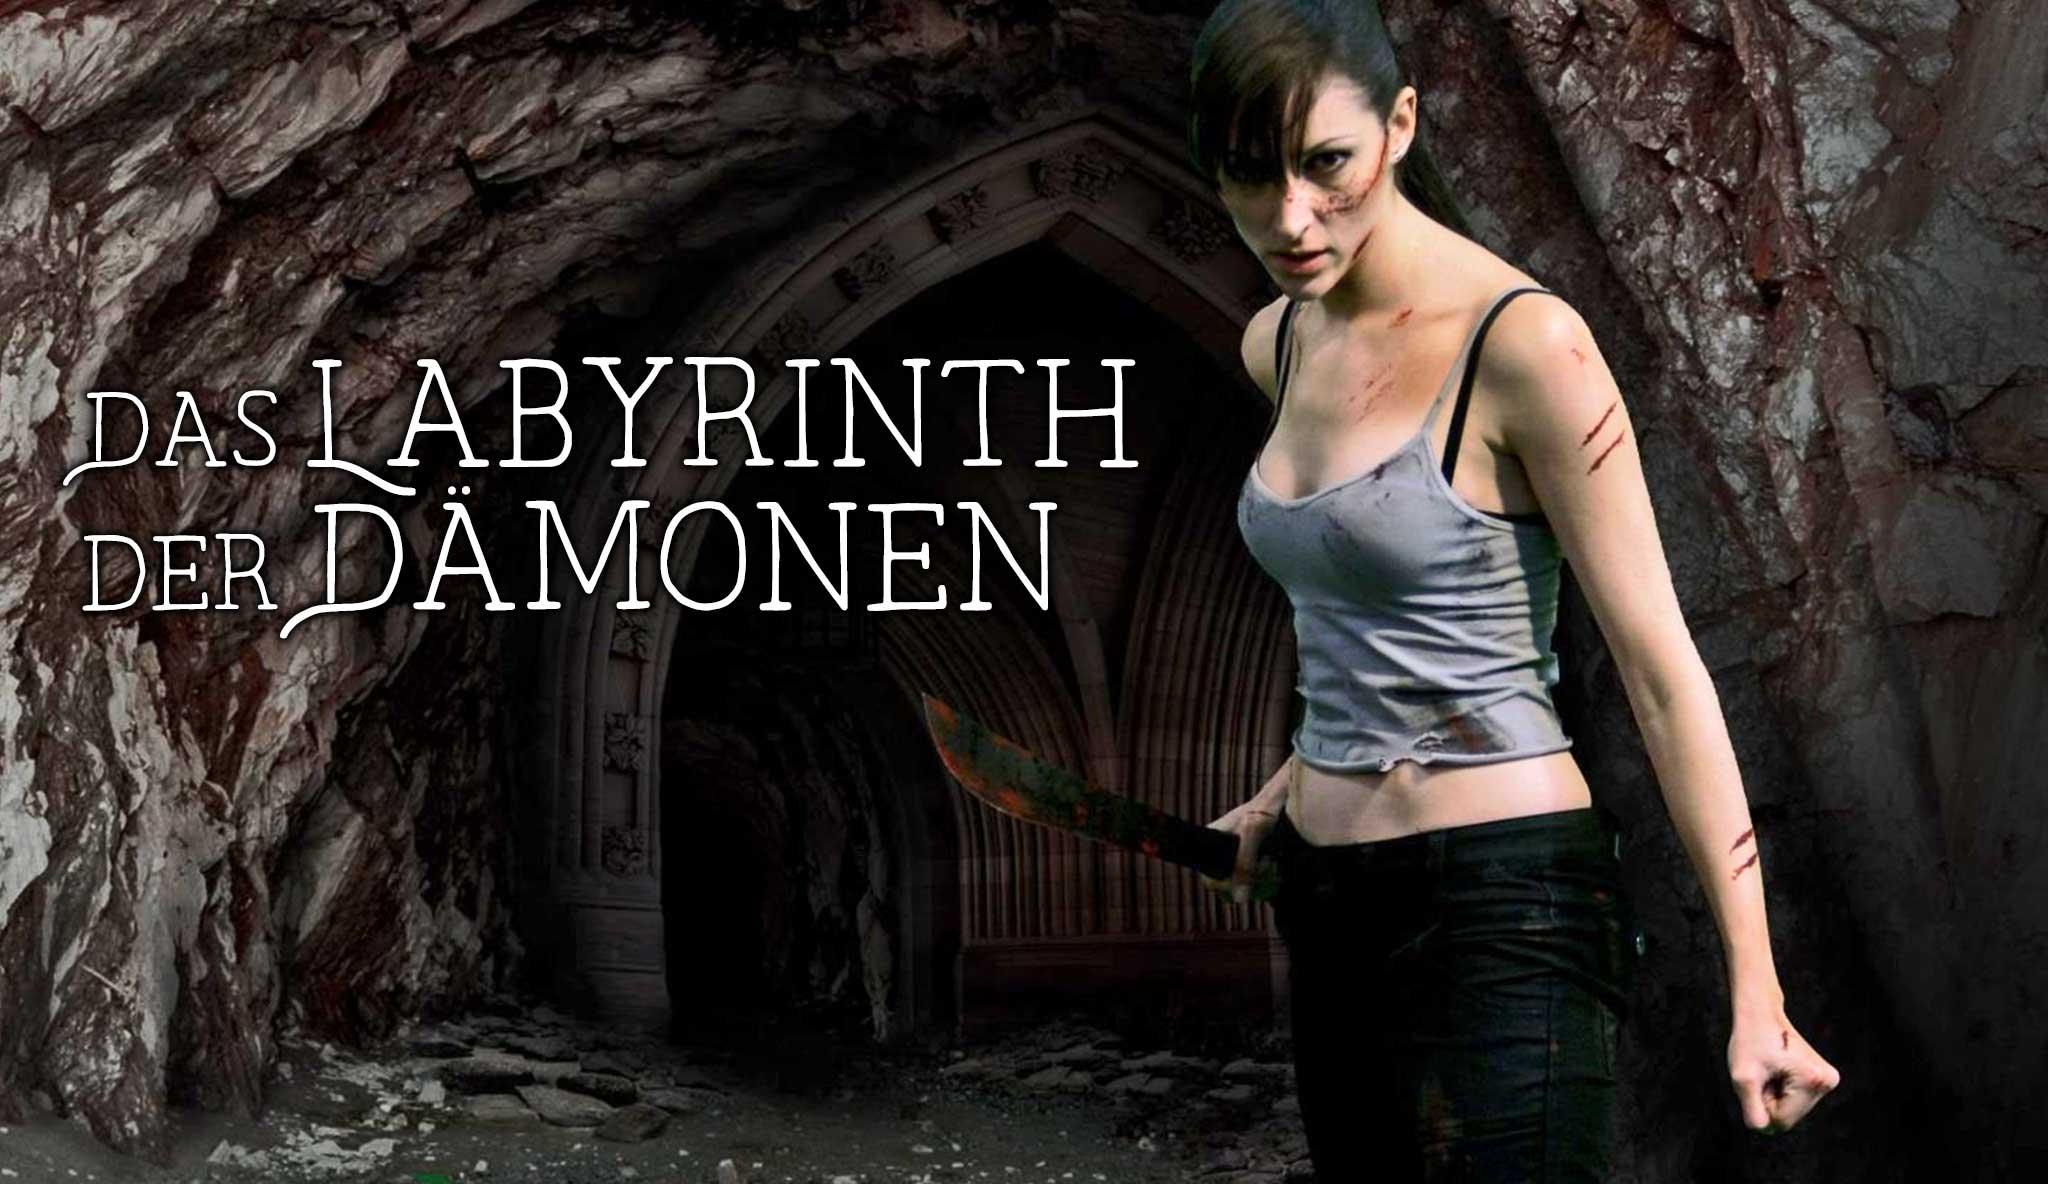 das-labyrinth-der-damonen\header.jpg